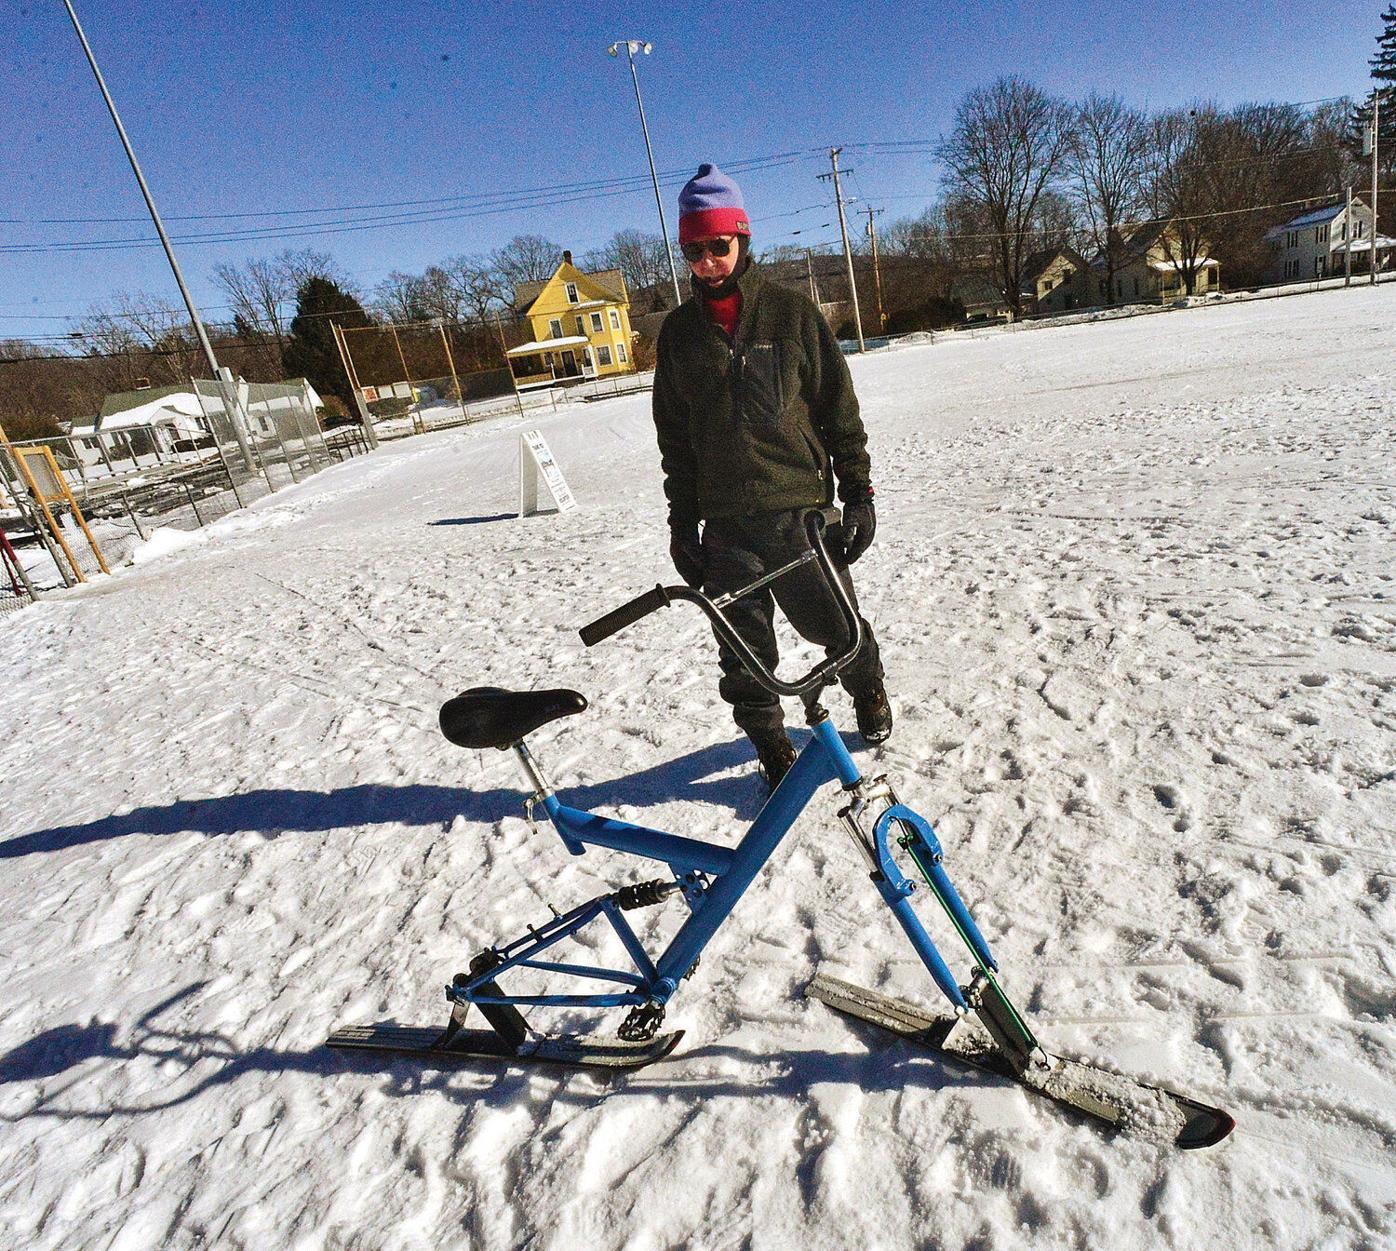 Photos: No wheels, no problem for ski bike creator